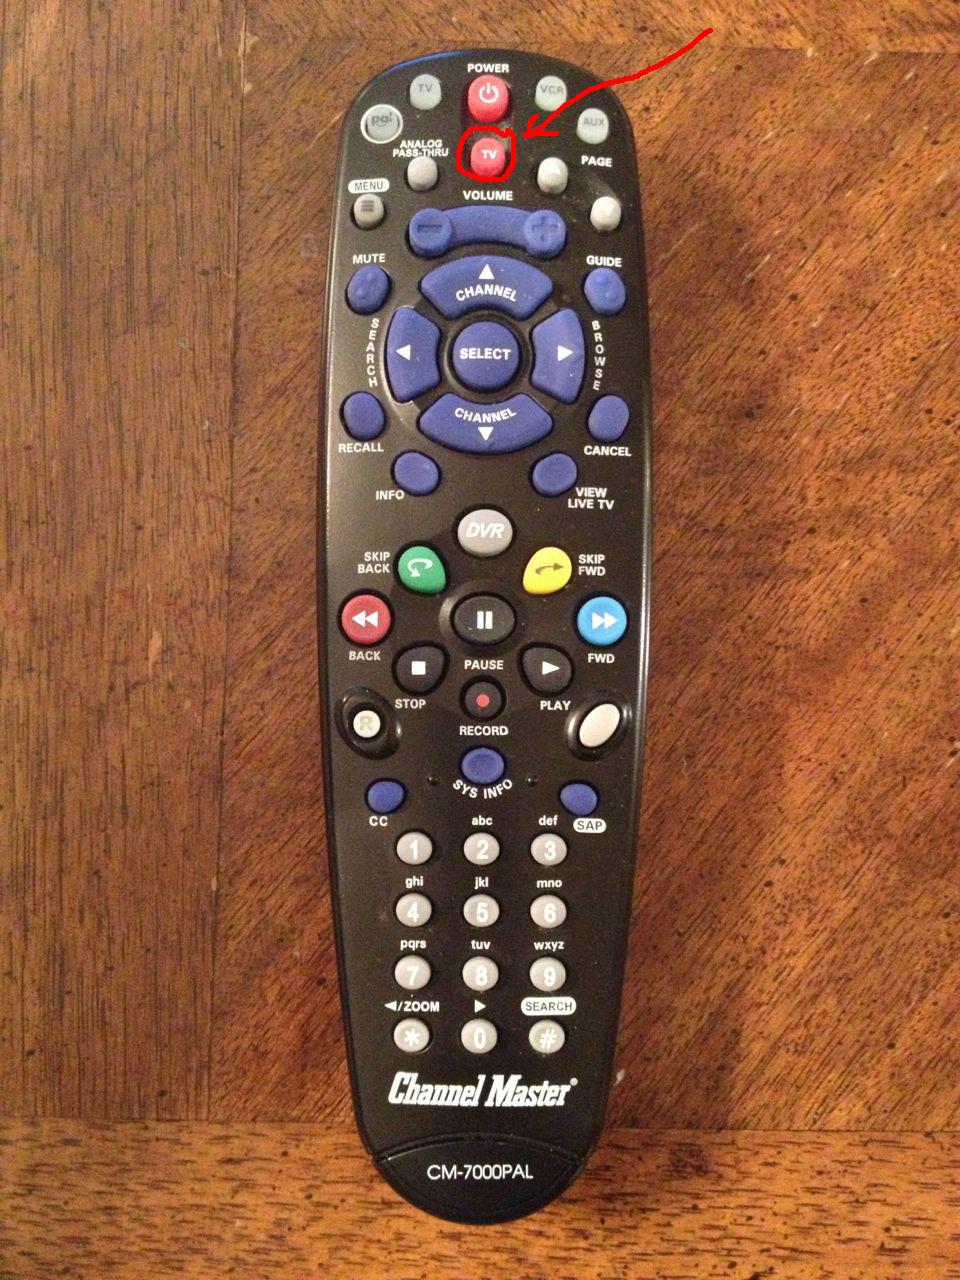 Program Channel Master CM-7000PAL DVR Remote to run Vizio TV